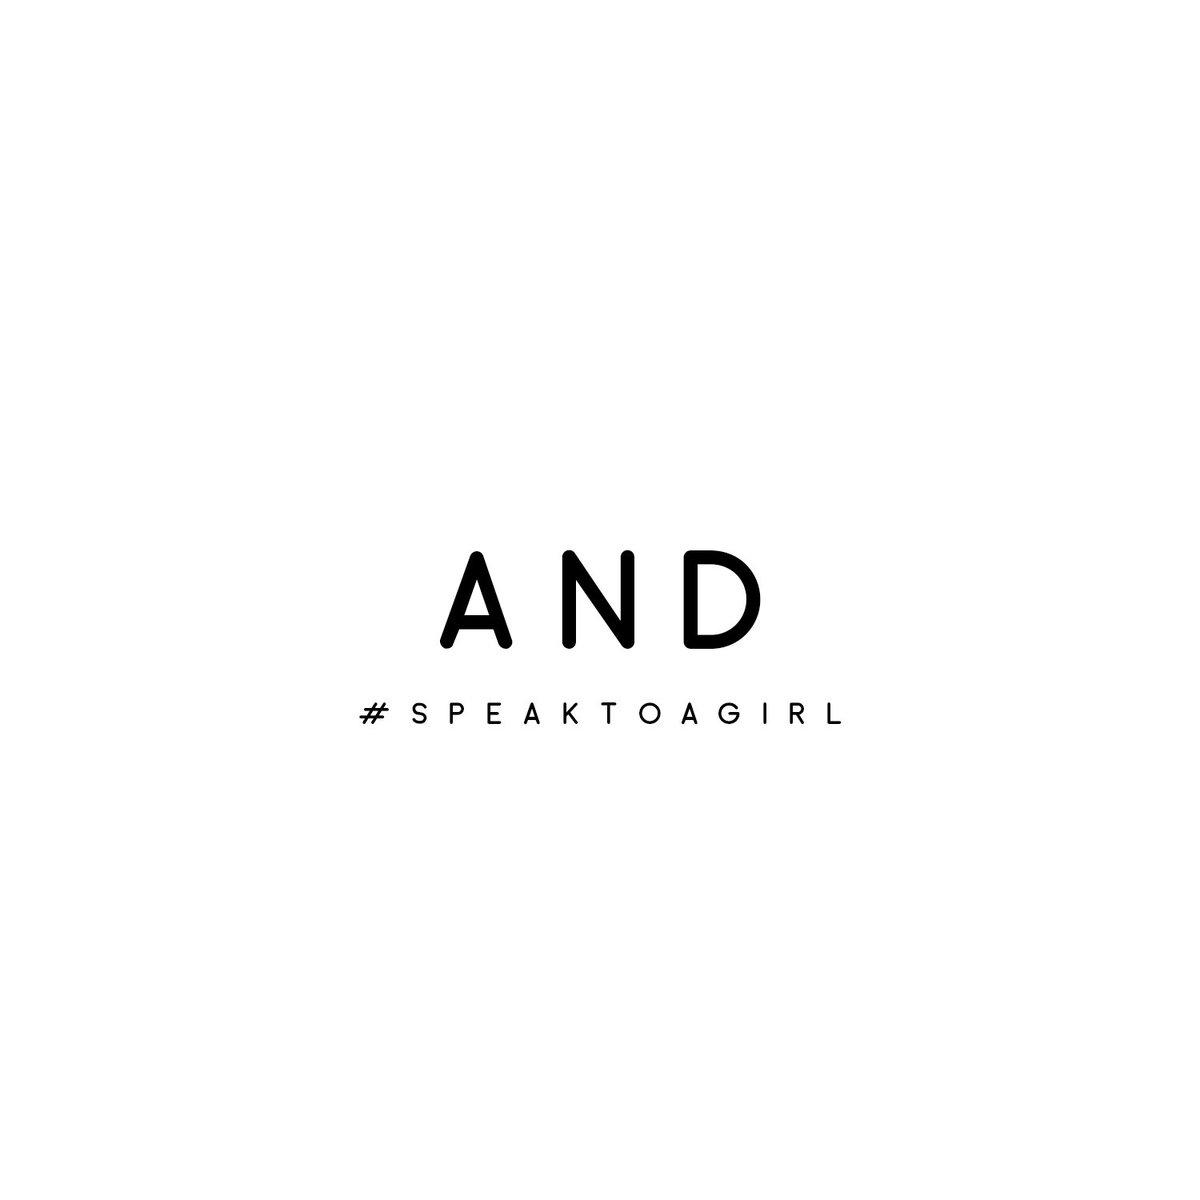 Thursday #SpeakToAGirl @FaithHill https://t.co/N8bztUQi1D